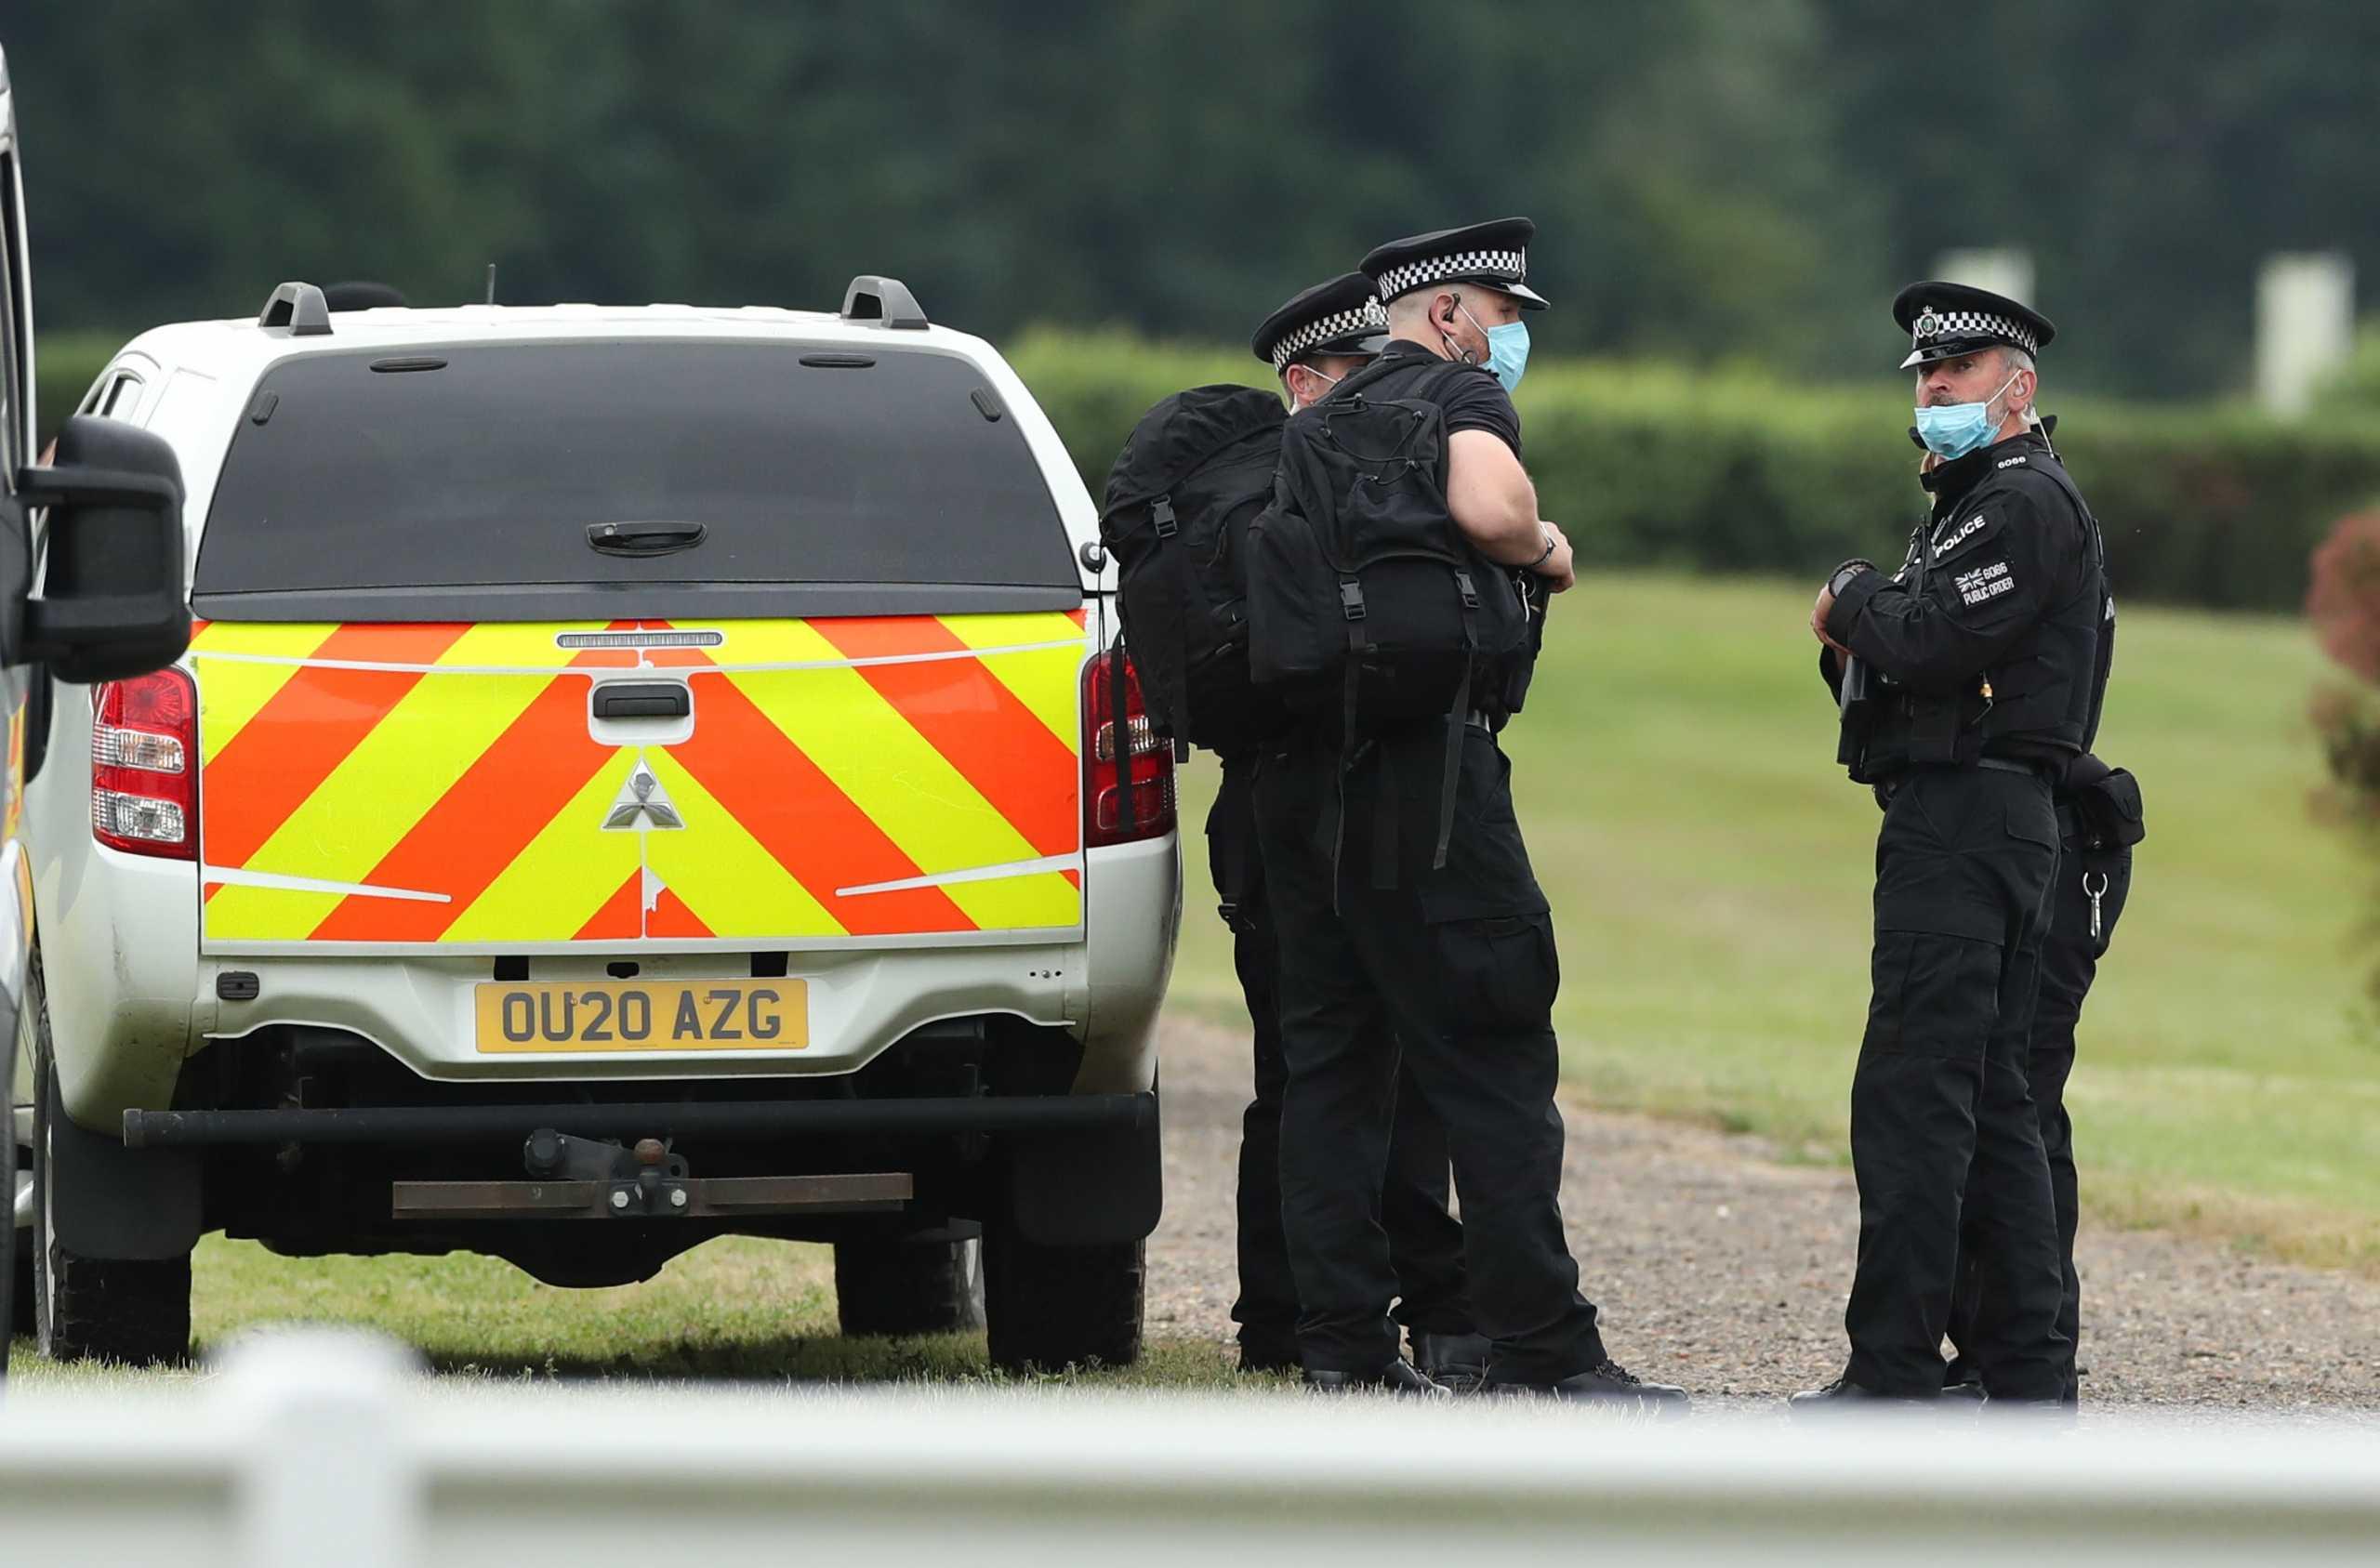 Βρετανία: Αξιωματούχος έχασε απόρρητα έγγραφα που κατέληξαν σε στάση λεωφορείου